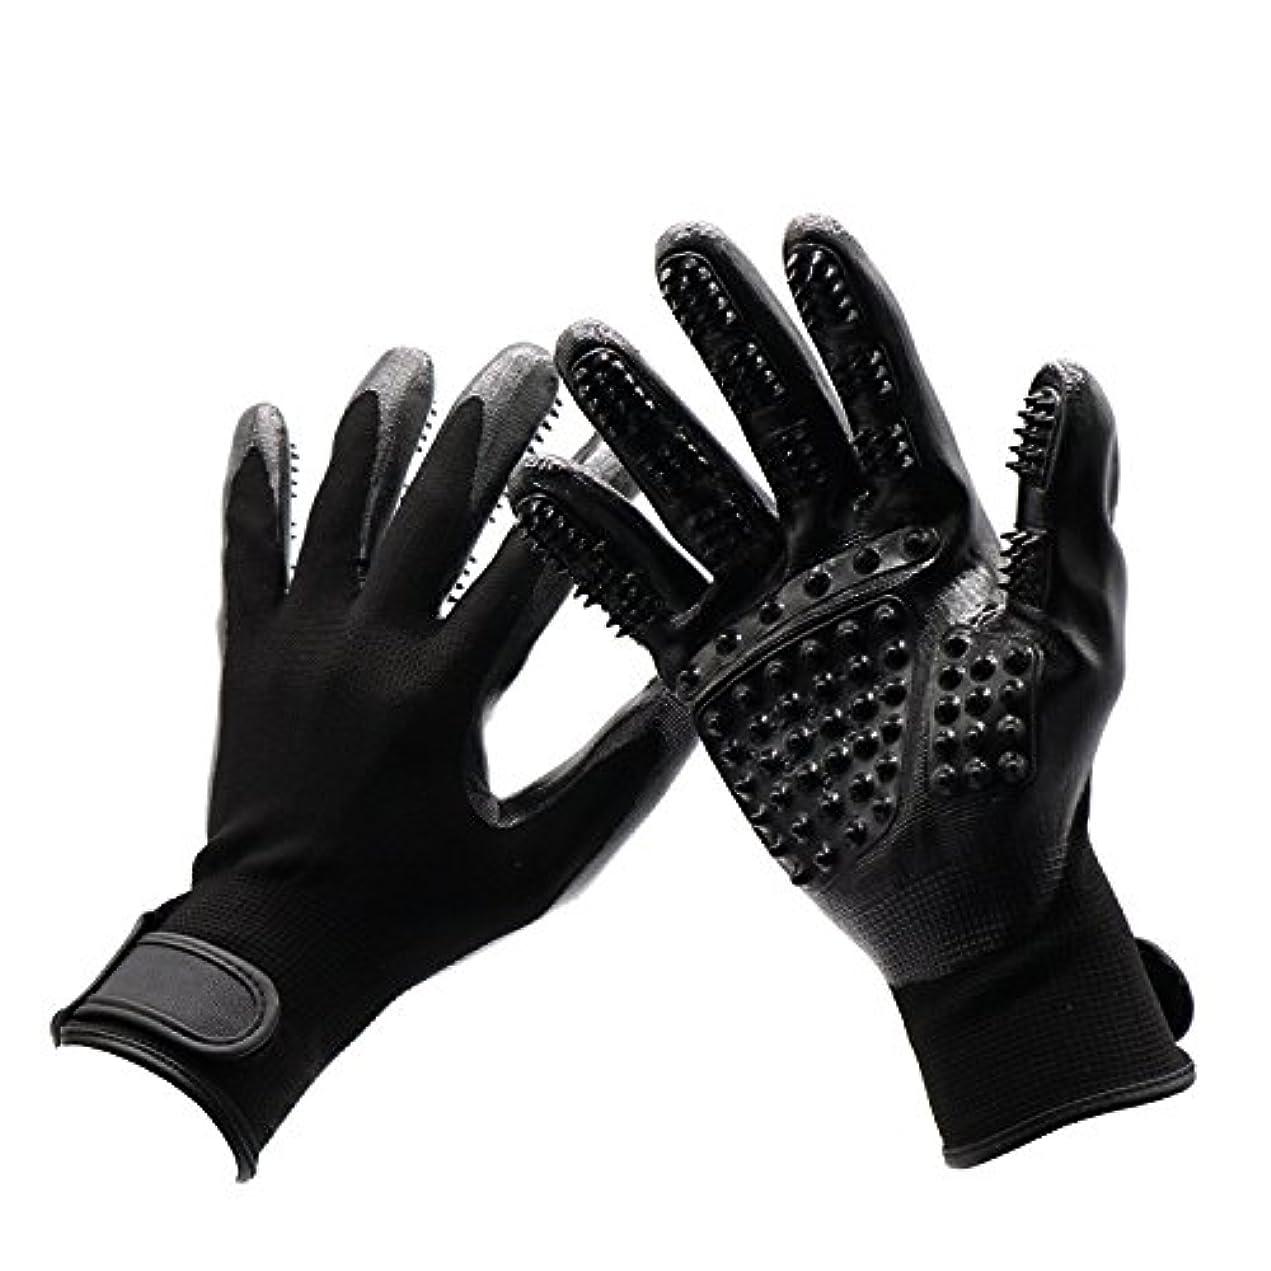 啓発する怠感トークンBTXXYJP 手袋 ペット ブラシ 猫 ブラシ グローブ クリーナー 抜け毛取り マッサージブラシ 犬 グローブ ペット毛取りブラシ お手入れ (Color : Black, Size : L- 9.6*5.5in)